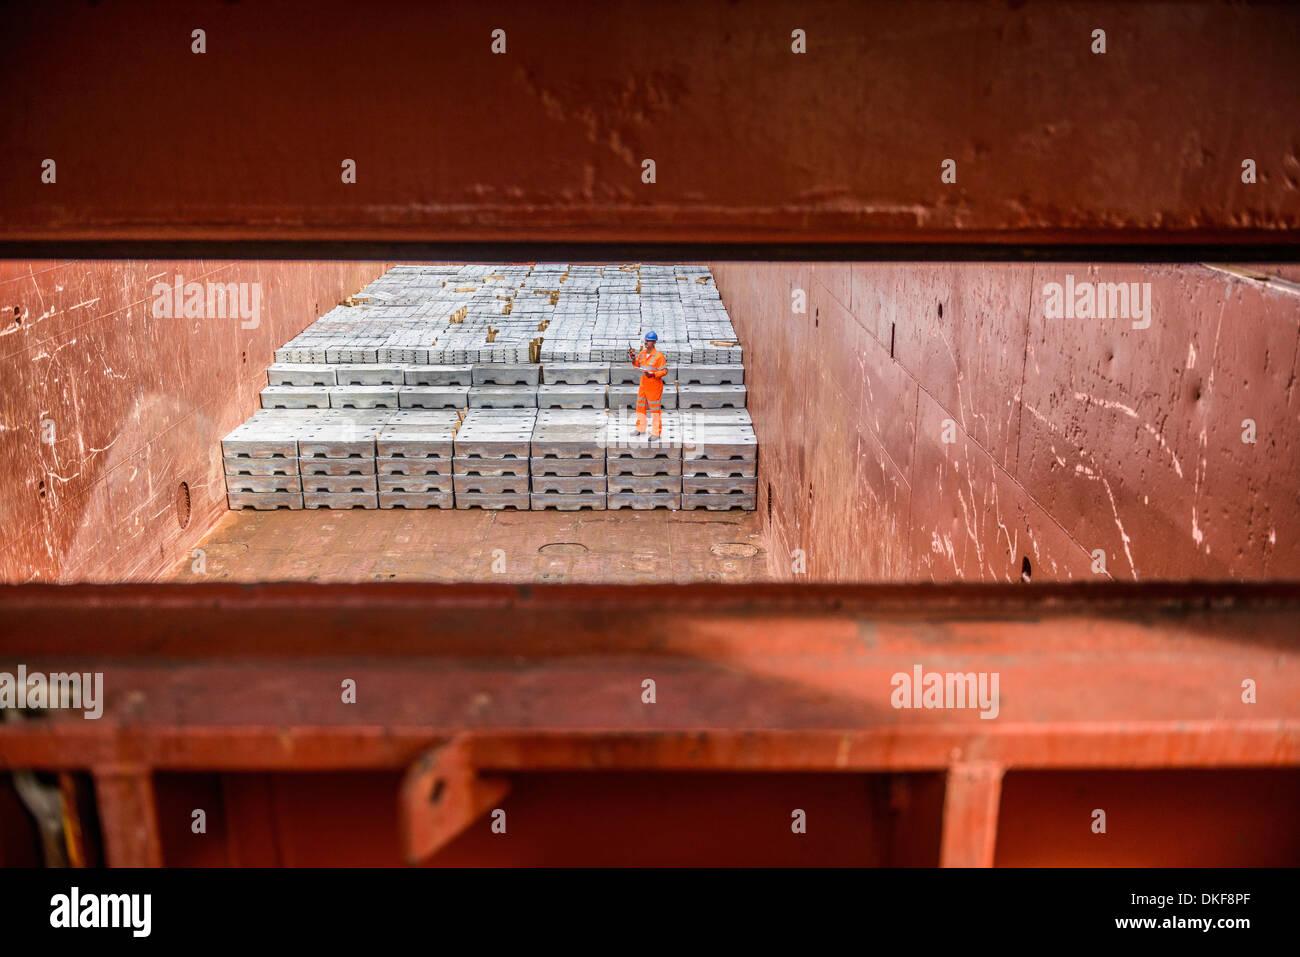 Comprobación del trabajador lingotes de metal en la bodega del barco Imagen De Stock